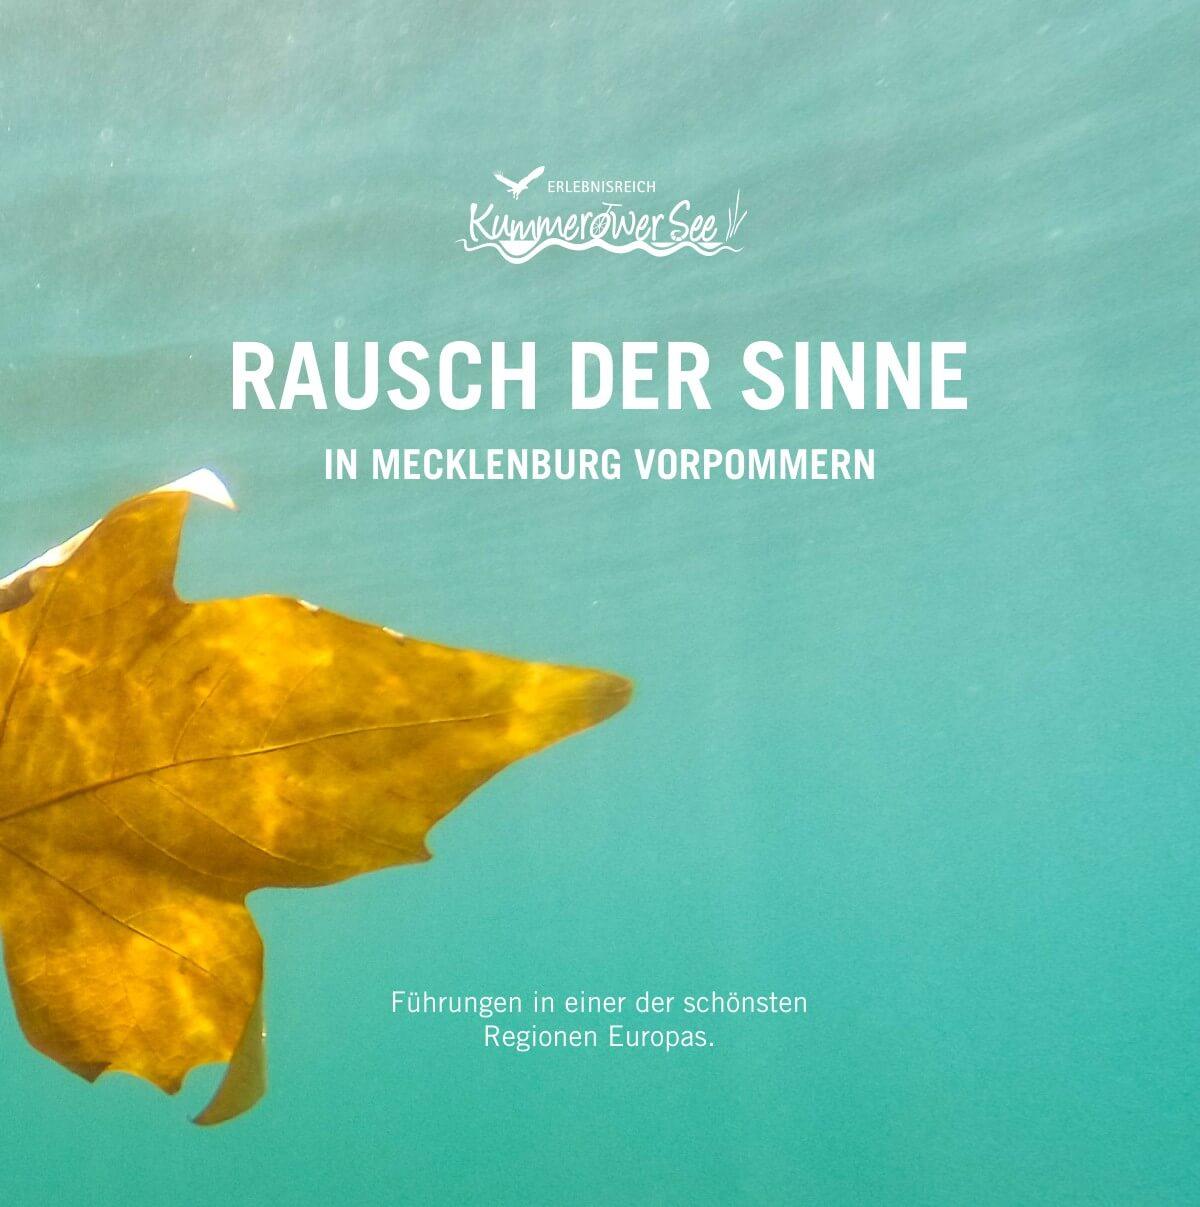 flyer-naturerlebnisse-kummerower-see-fuehrungen